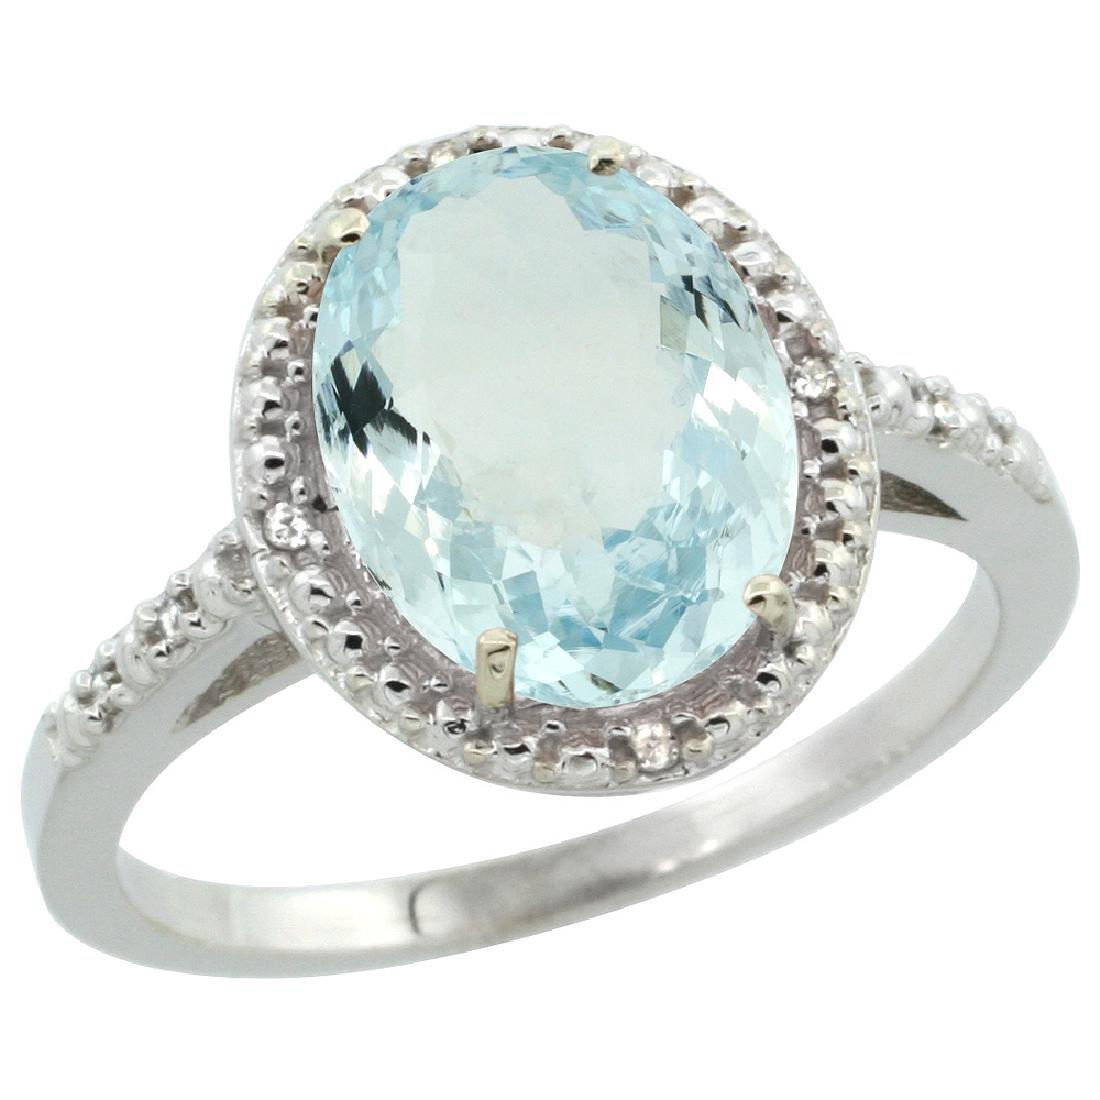 Natural 2.12 ctw Aquamarine & Diamond Engagement Ring